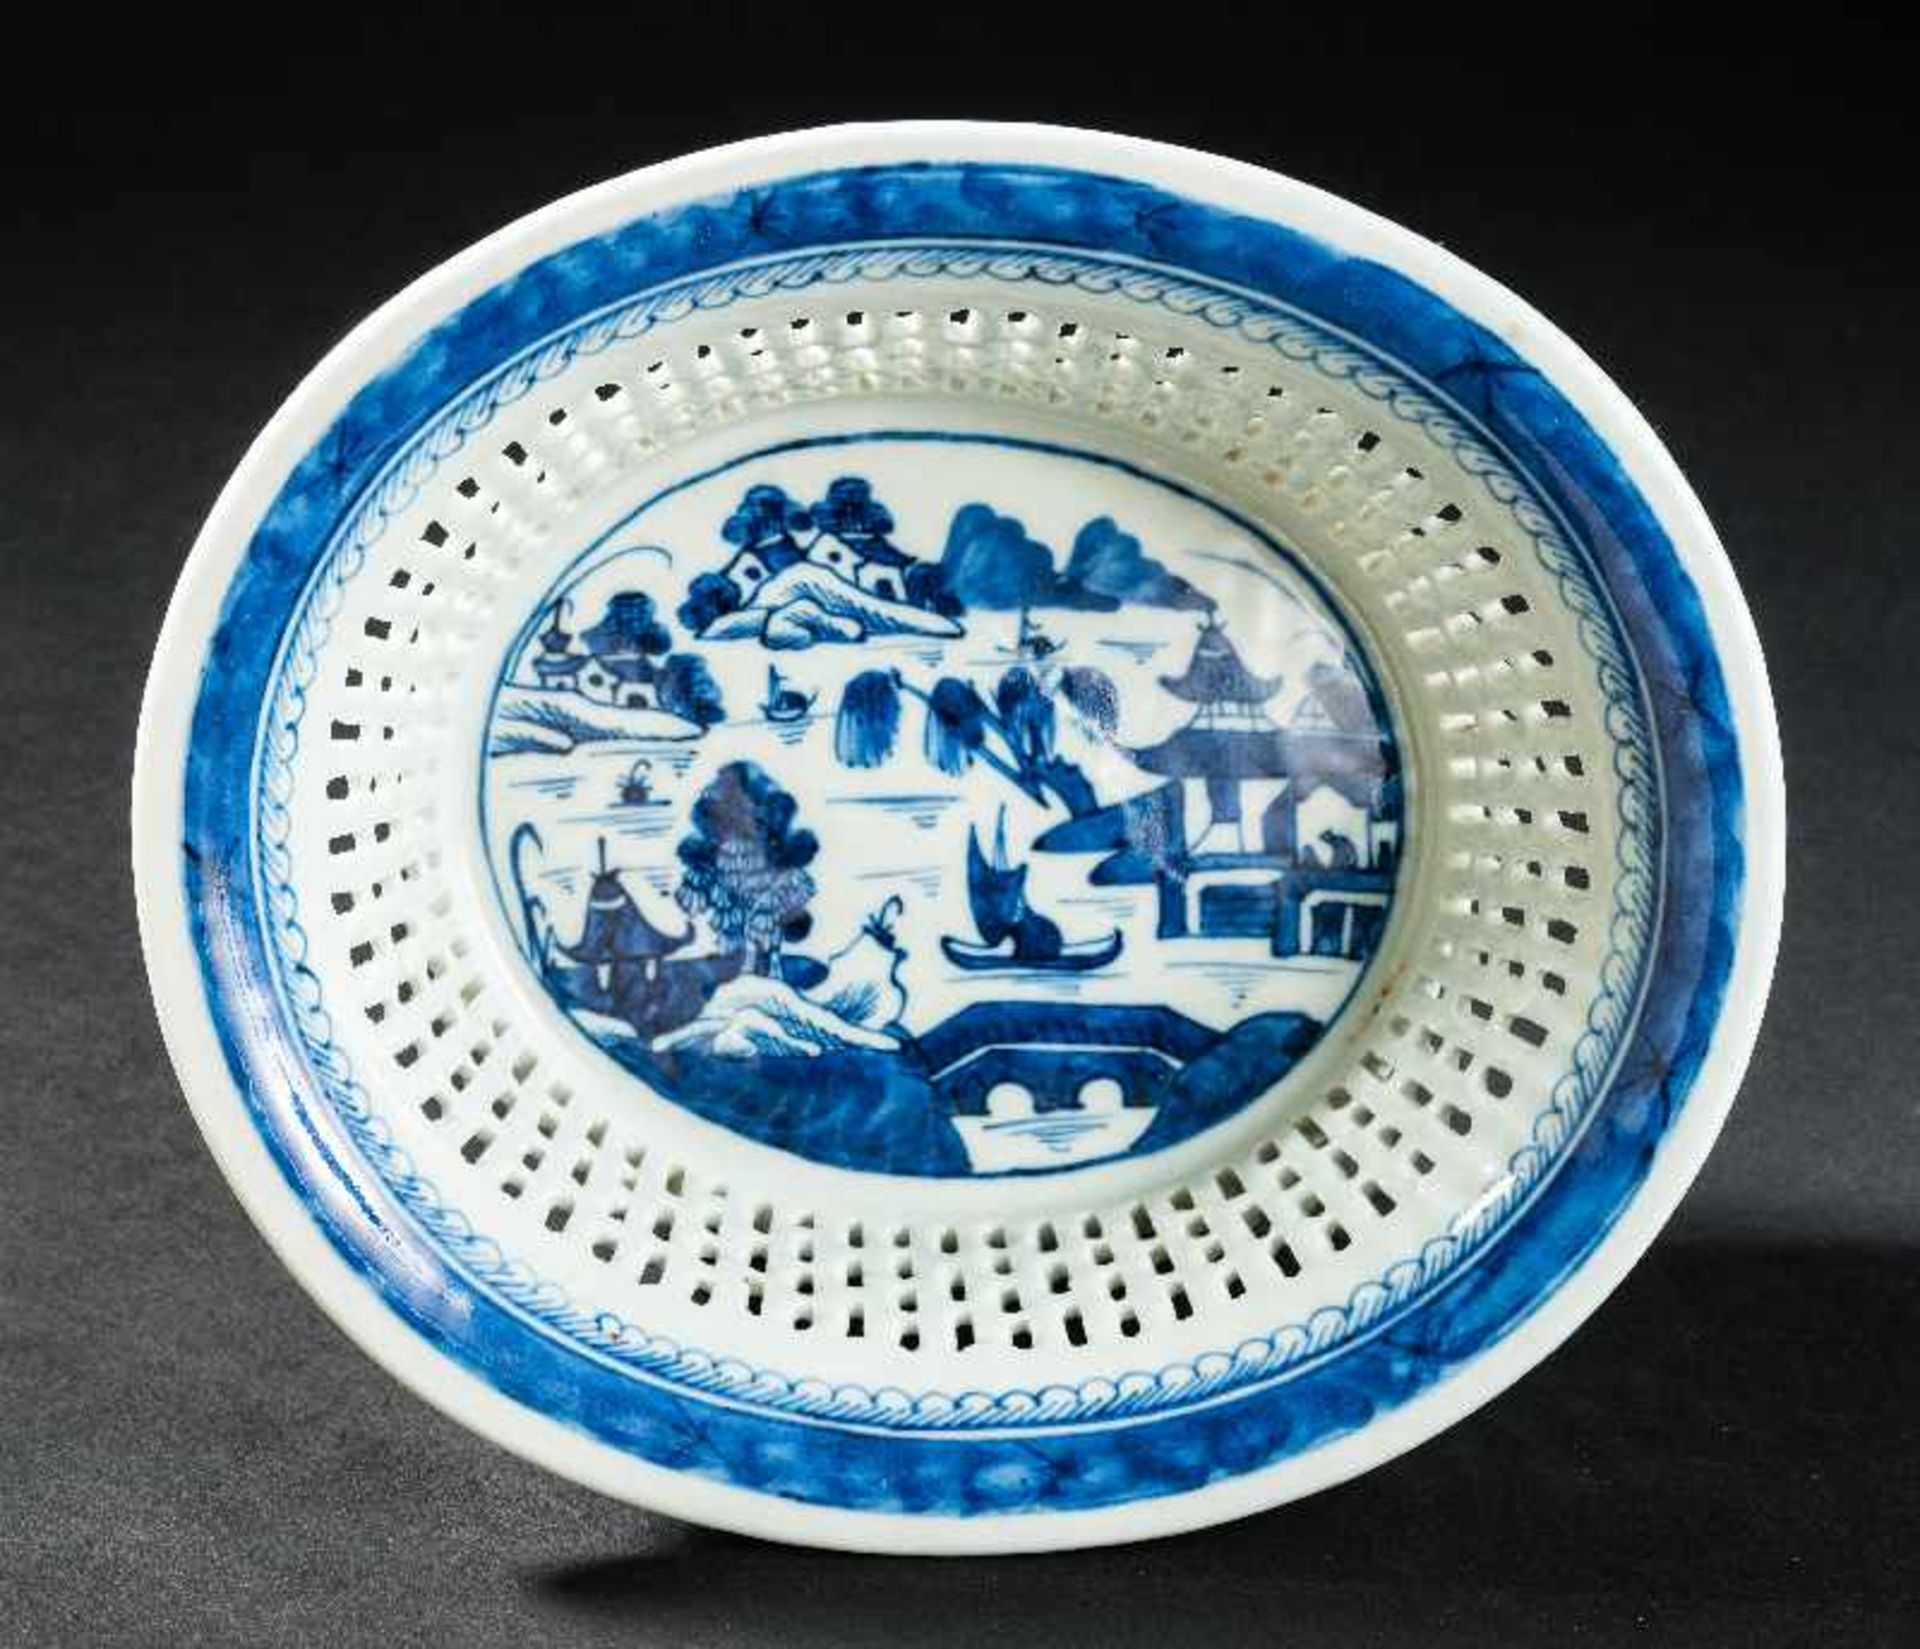 KORB Blauweiß-Porzellan. China, Qing-Dynastie, 19. Jh. In dieser besten Erhaltung ein sehr - Image 4 of 4